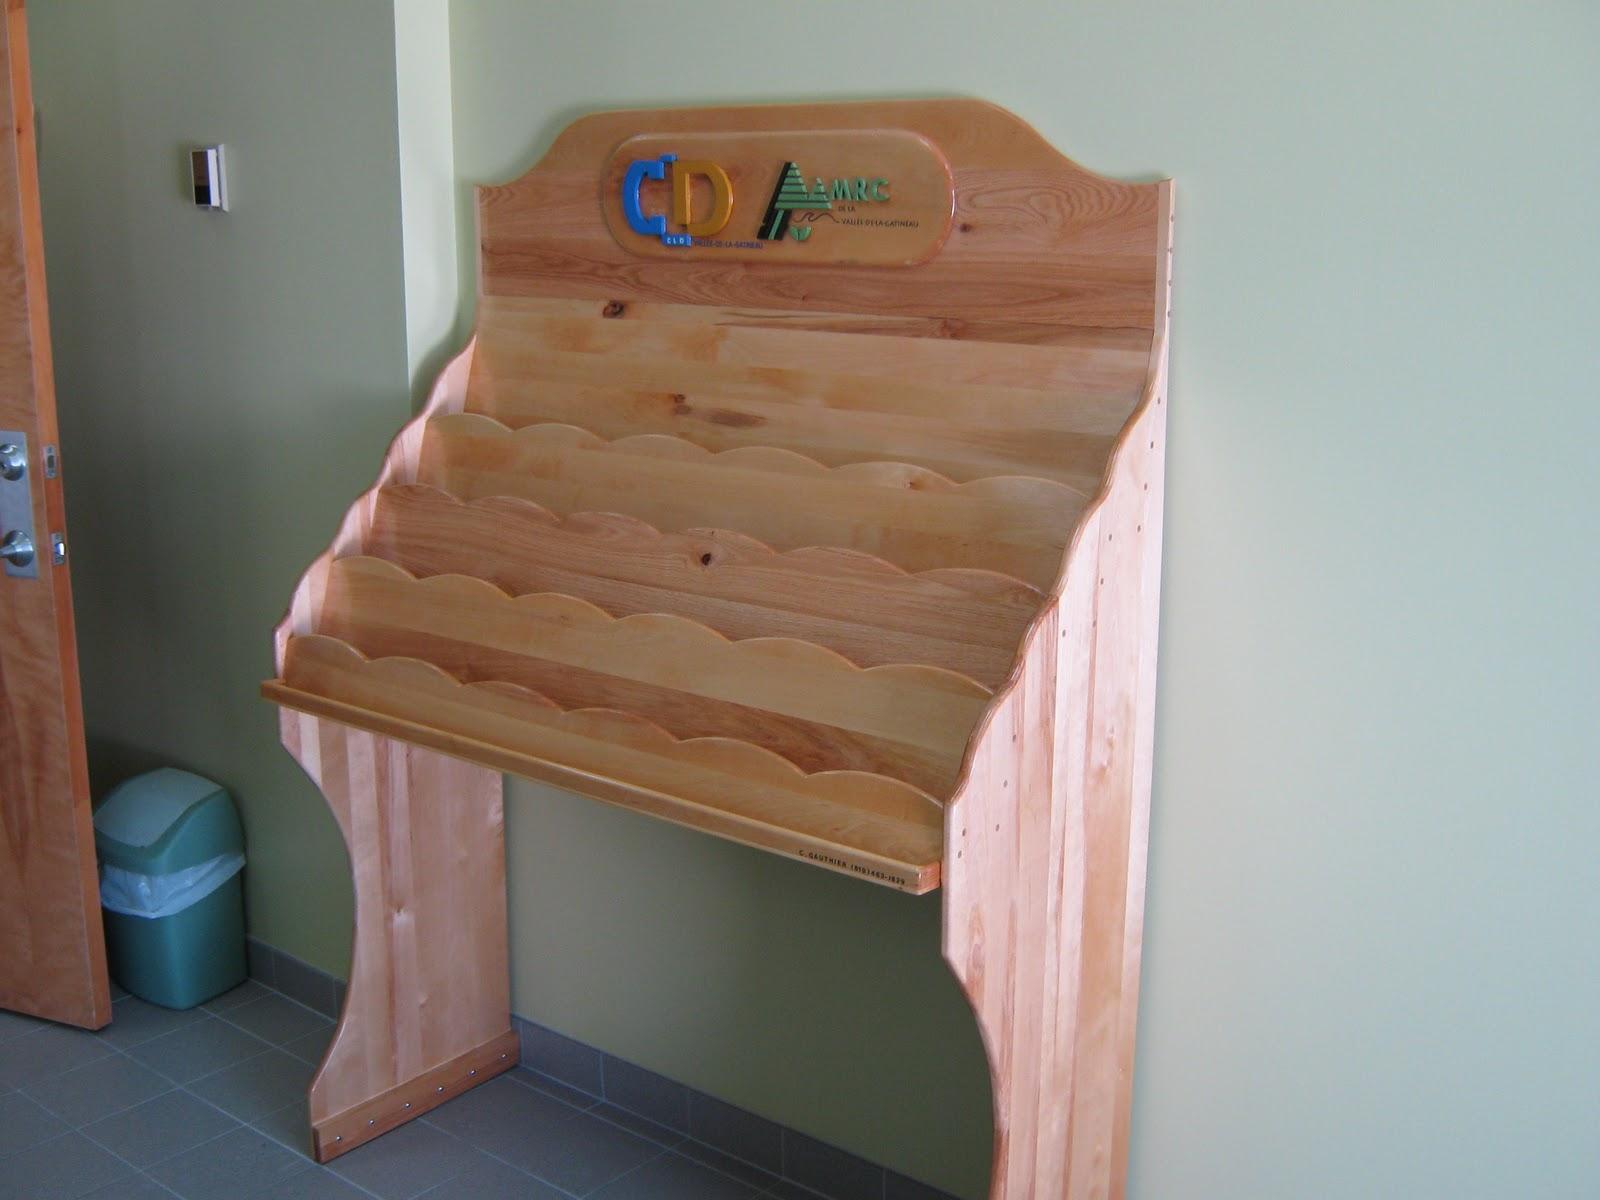 Simplement christian cr ateur b niste meuble pour for Createur meuble